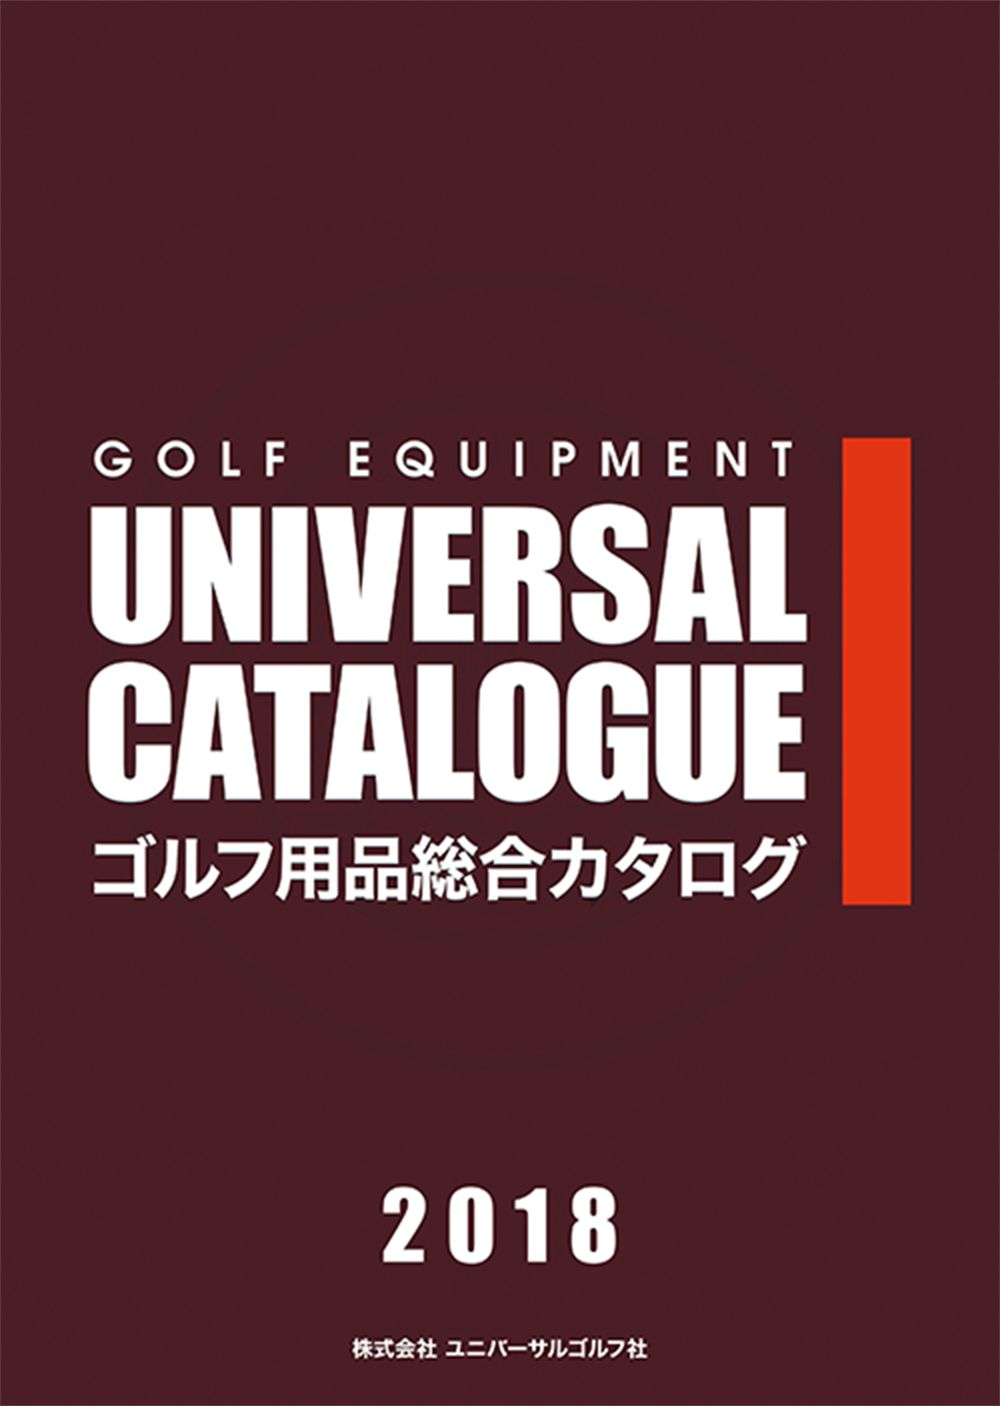 ゴルフ用品総合カタログ